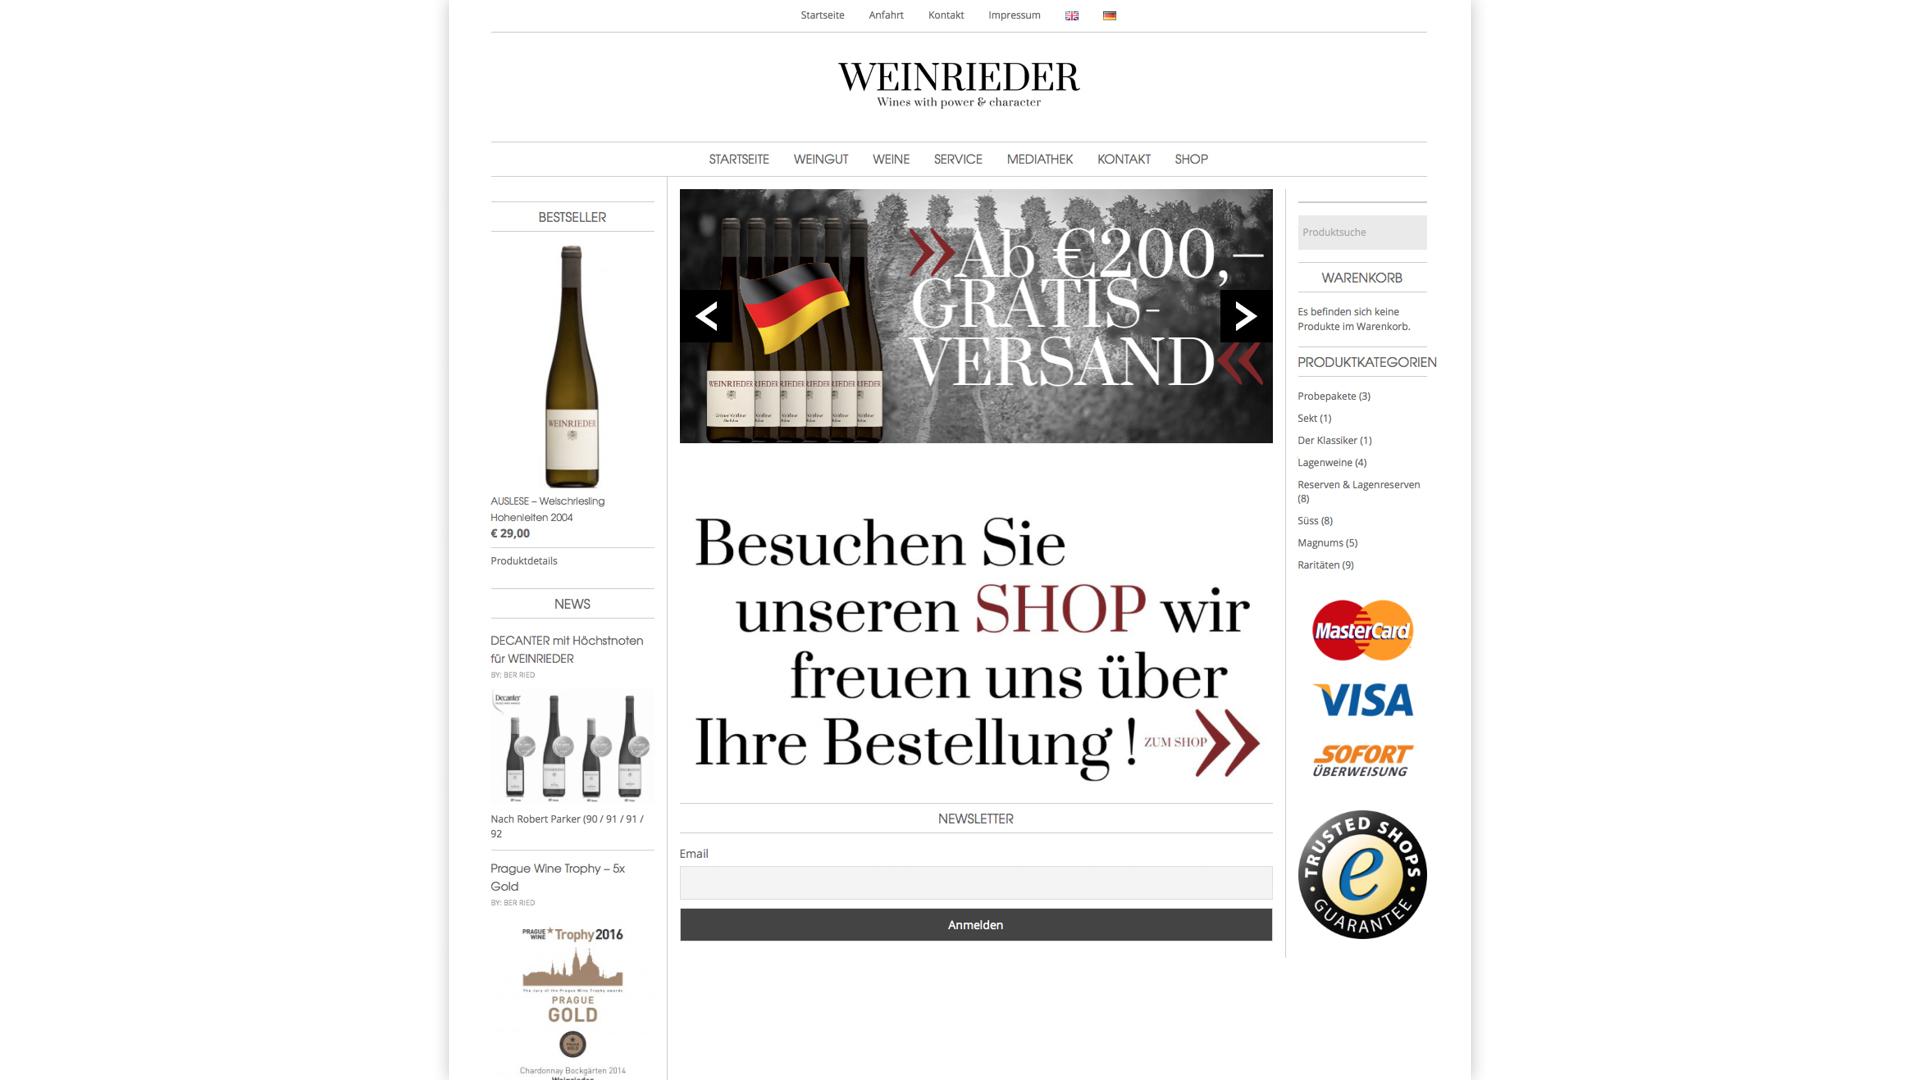 Corporate Design, Etikettengestaltung, Webdesign, Webshop für Weingut Weinrieder